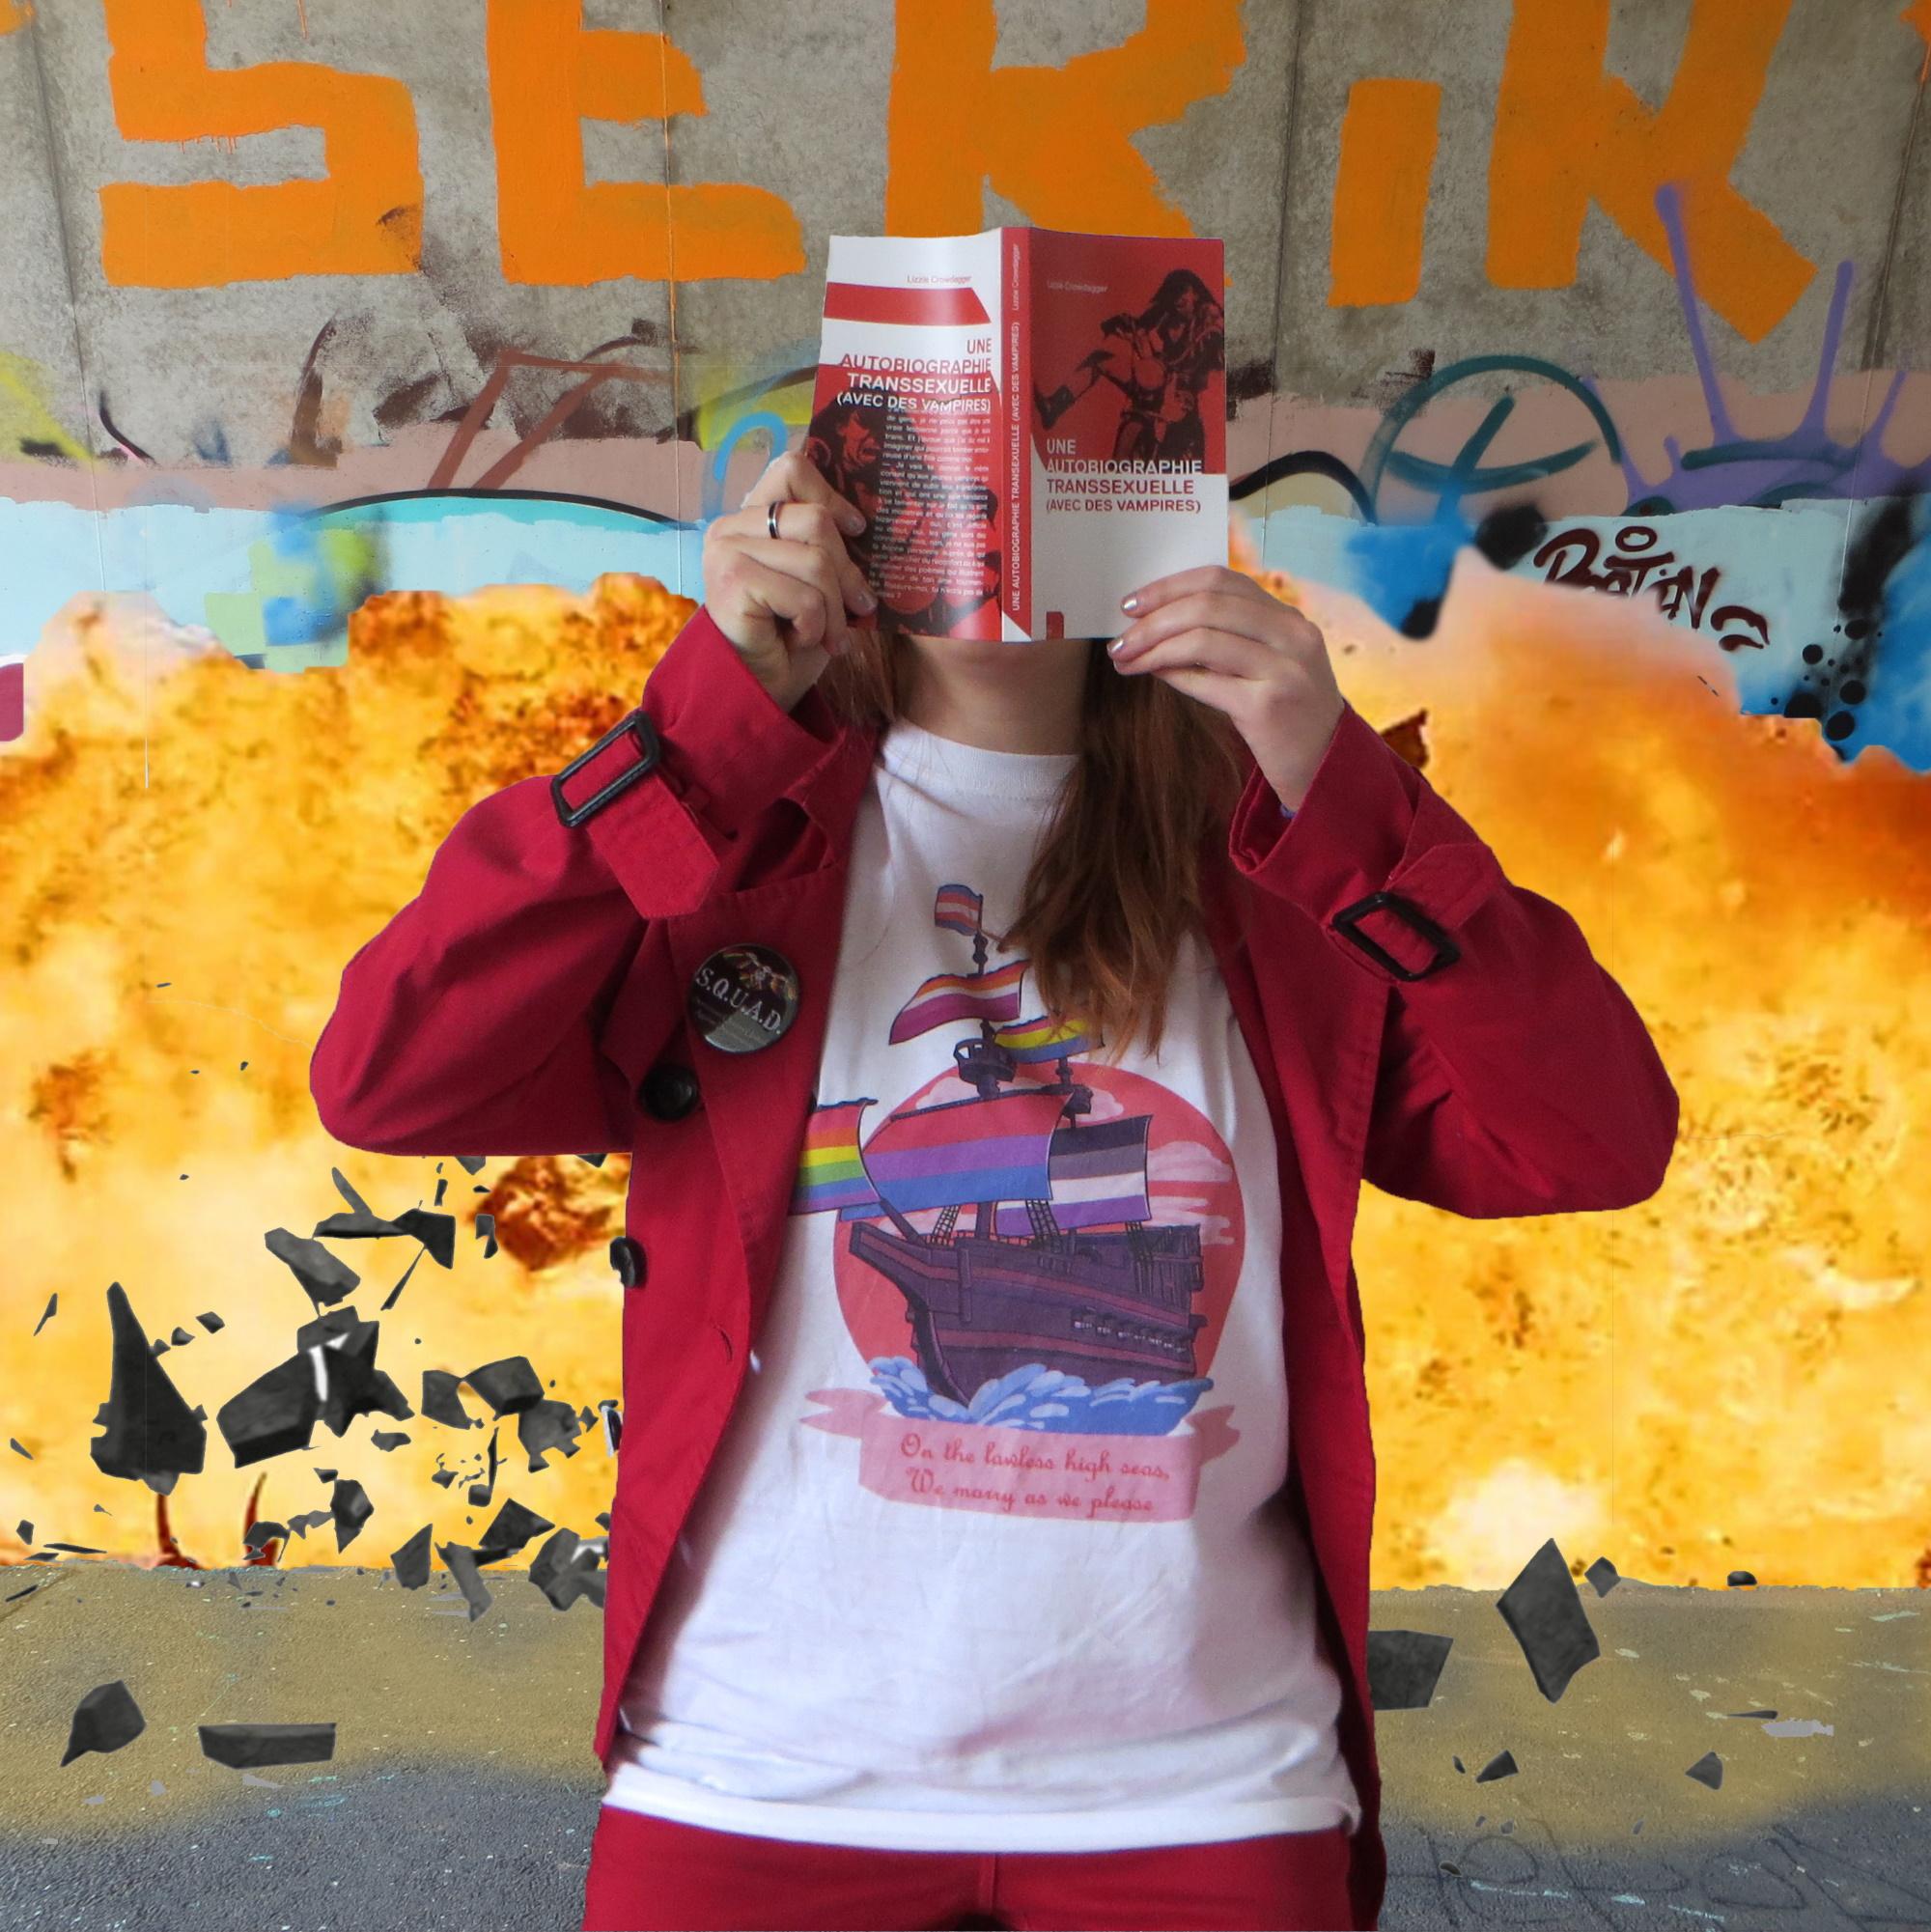 personne en t-shirt pirate queer et parka rouge lisant Une autobiographie transssexuelle devant un mur tagué qui explose